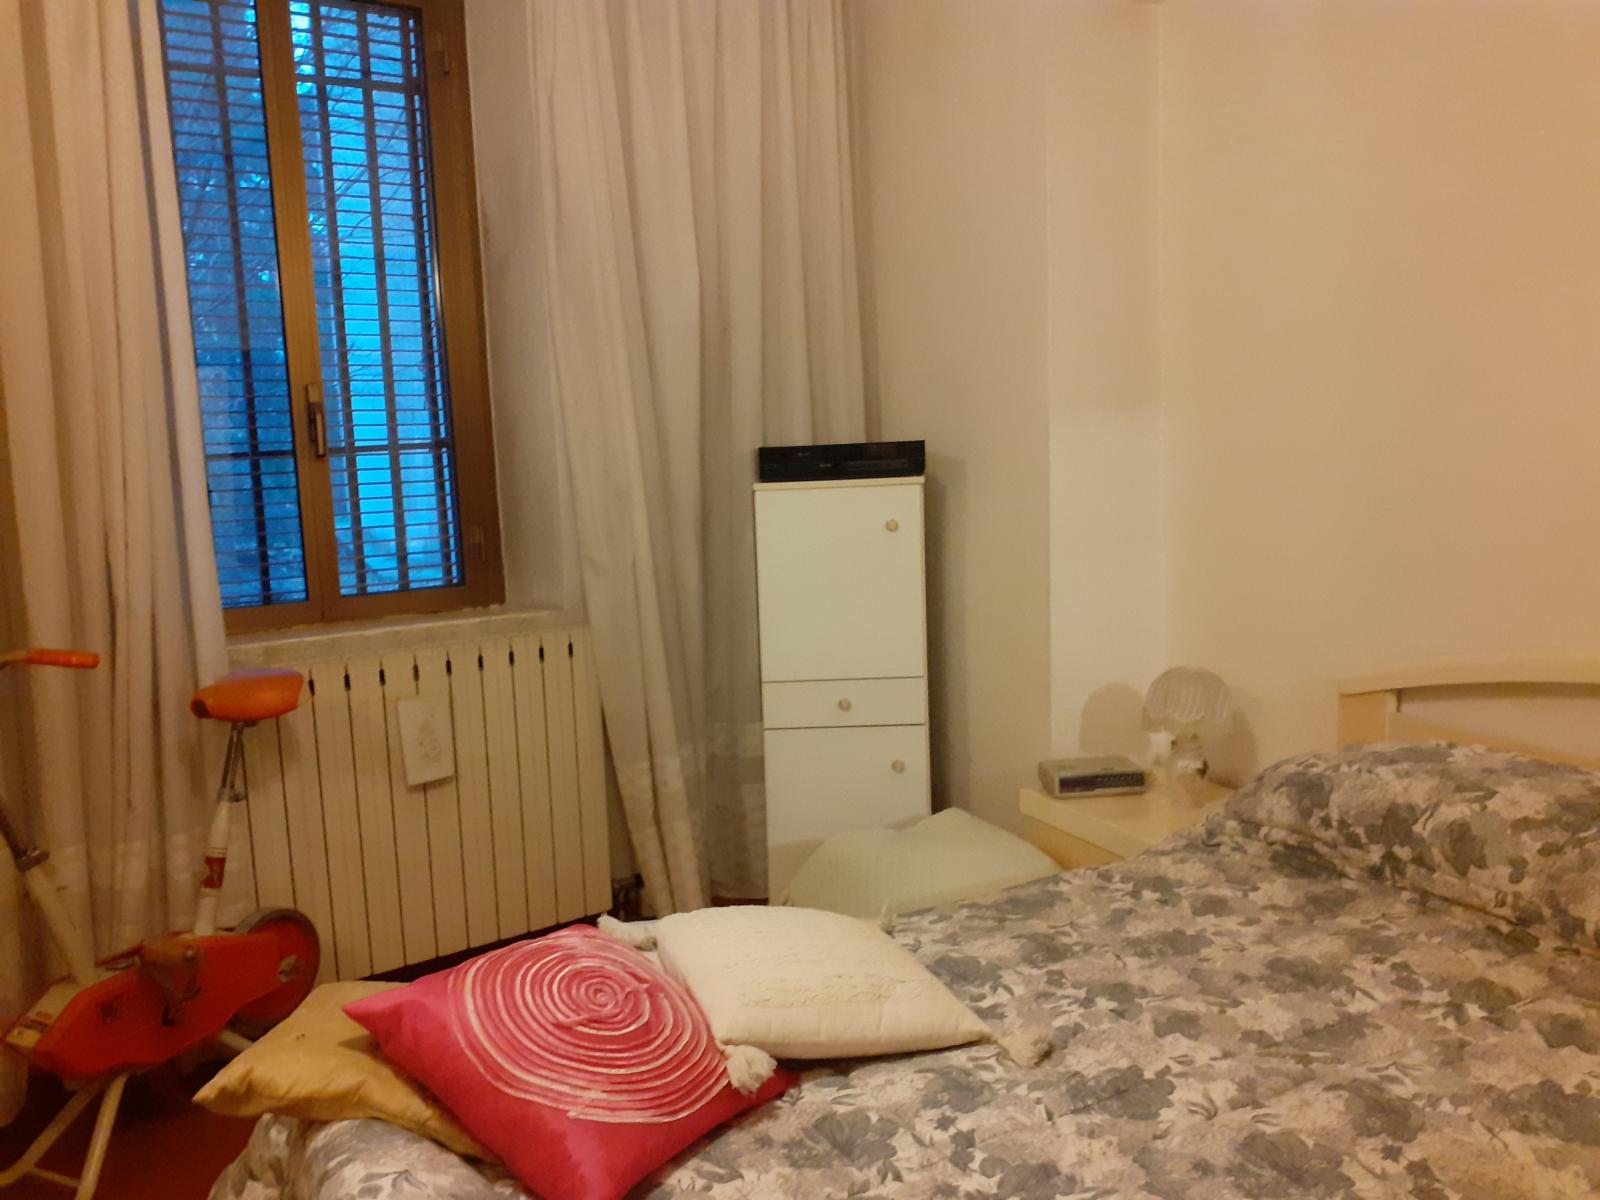 appartamento-in-vendita-a-baggio-milano-2-locali-bilocale-spaziourbano-immobiliare-vende-2